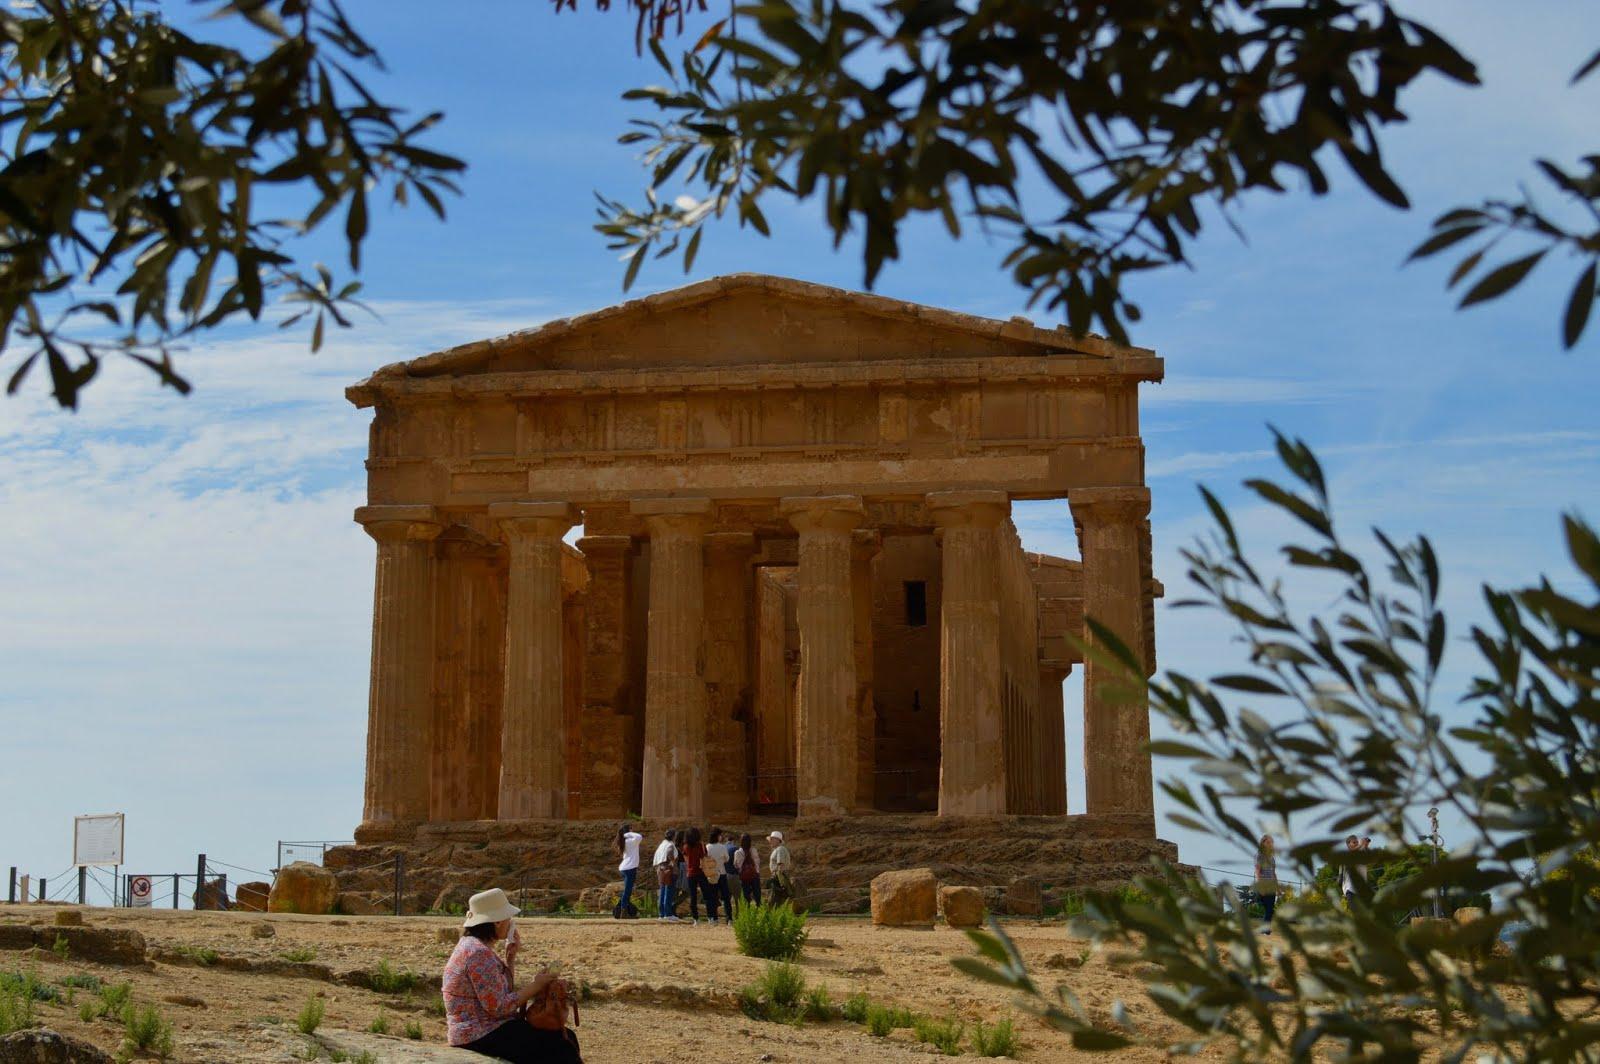 Φωτογραφίες από τo Εκπαιδευτικό Μονοπάτι της Σικελίας (Ευαγγελία Κροκίδη)